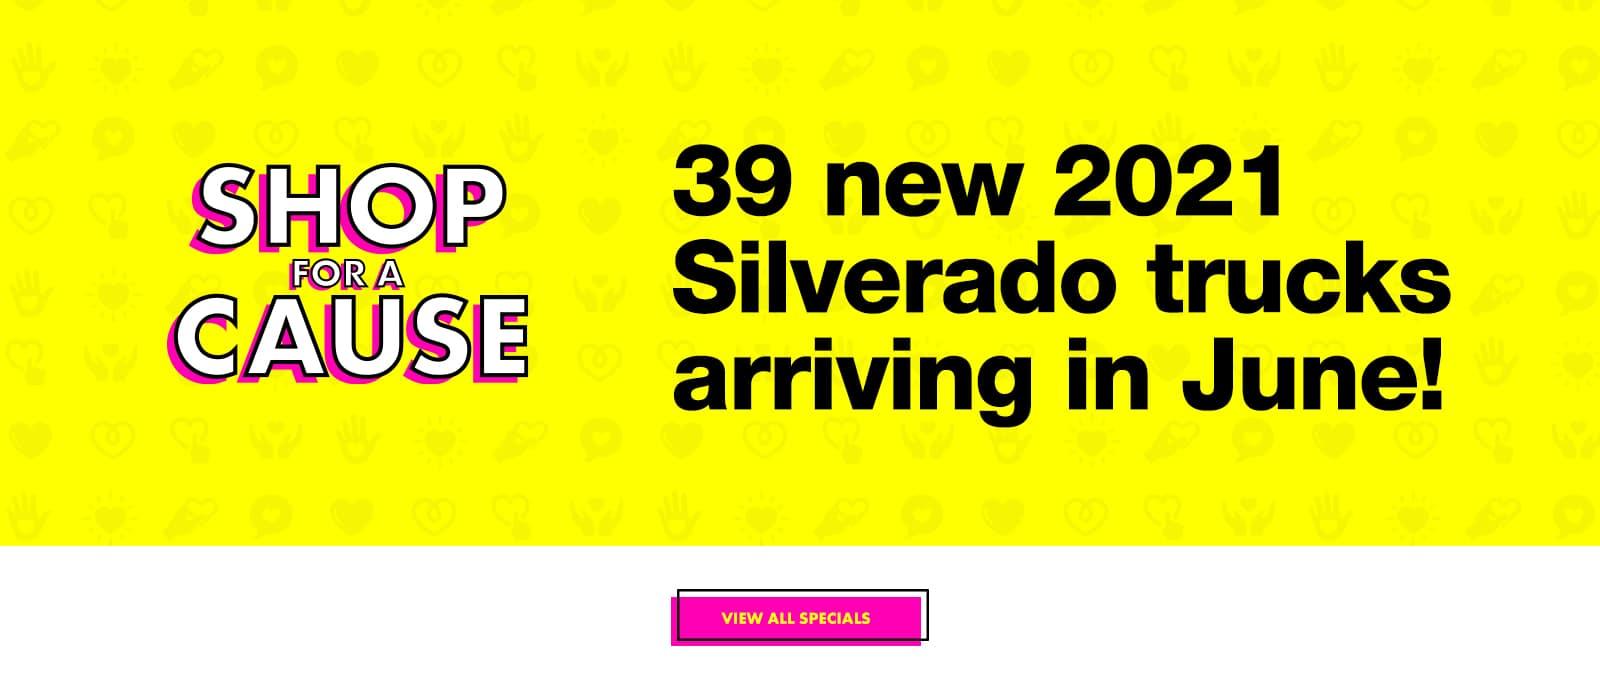 210607-WBMNCV-FeatureSlide-ShopForACause-NEW